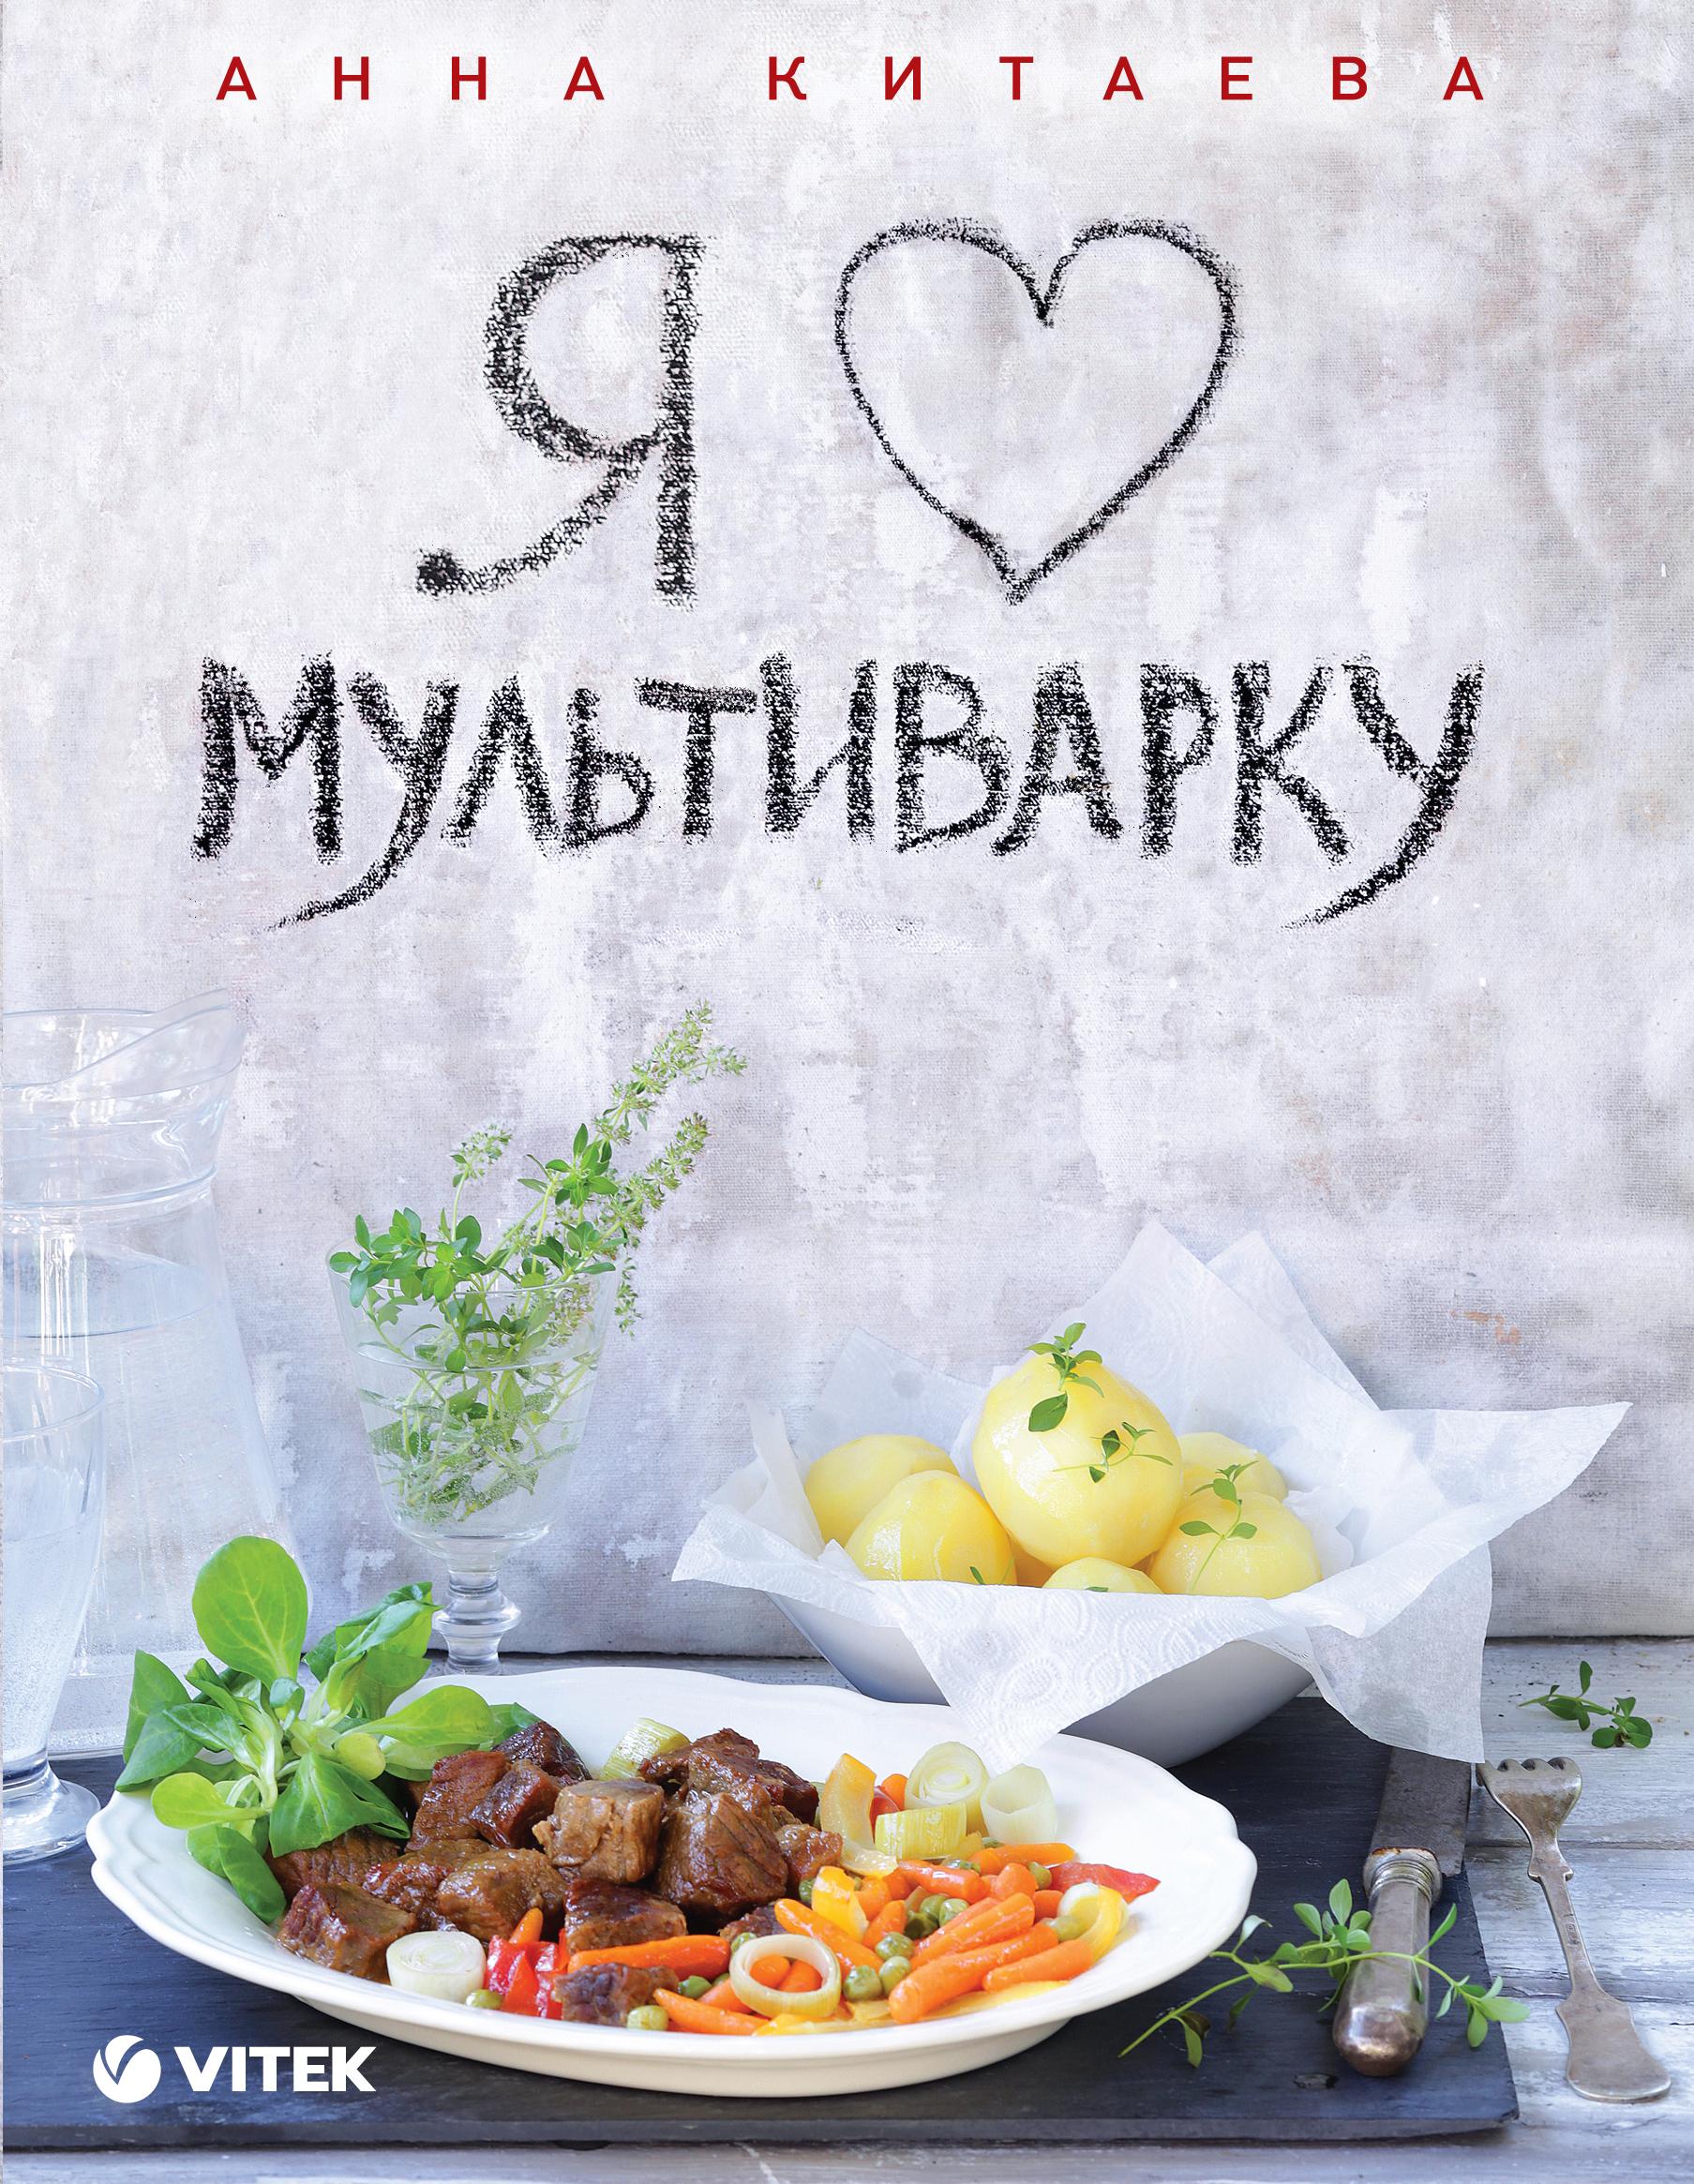 Анна Китаева Я люблю мультиварку (серия Кулинарные книги Анны Китаевой) анна китаева я и моя пароварка